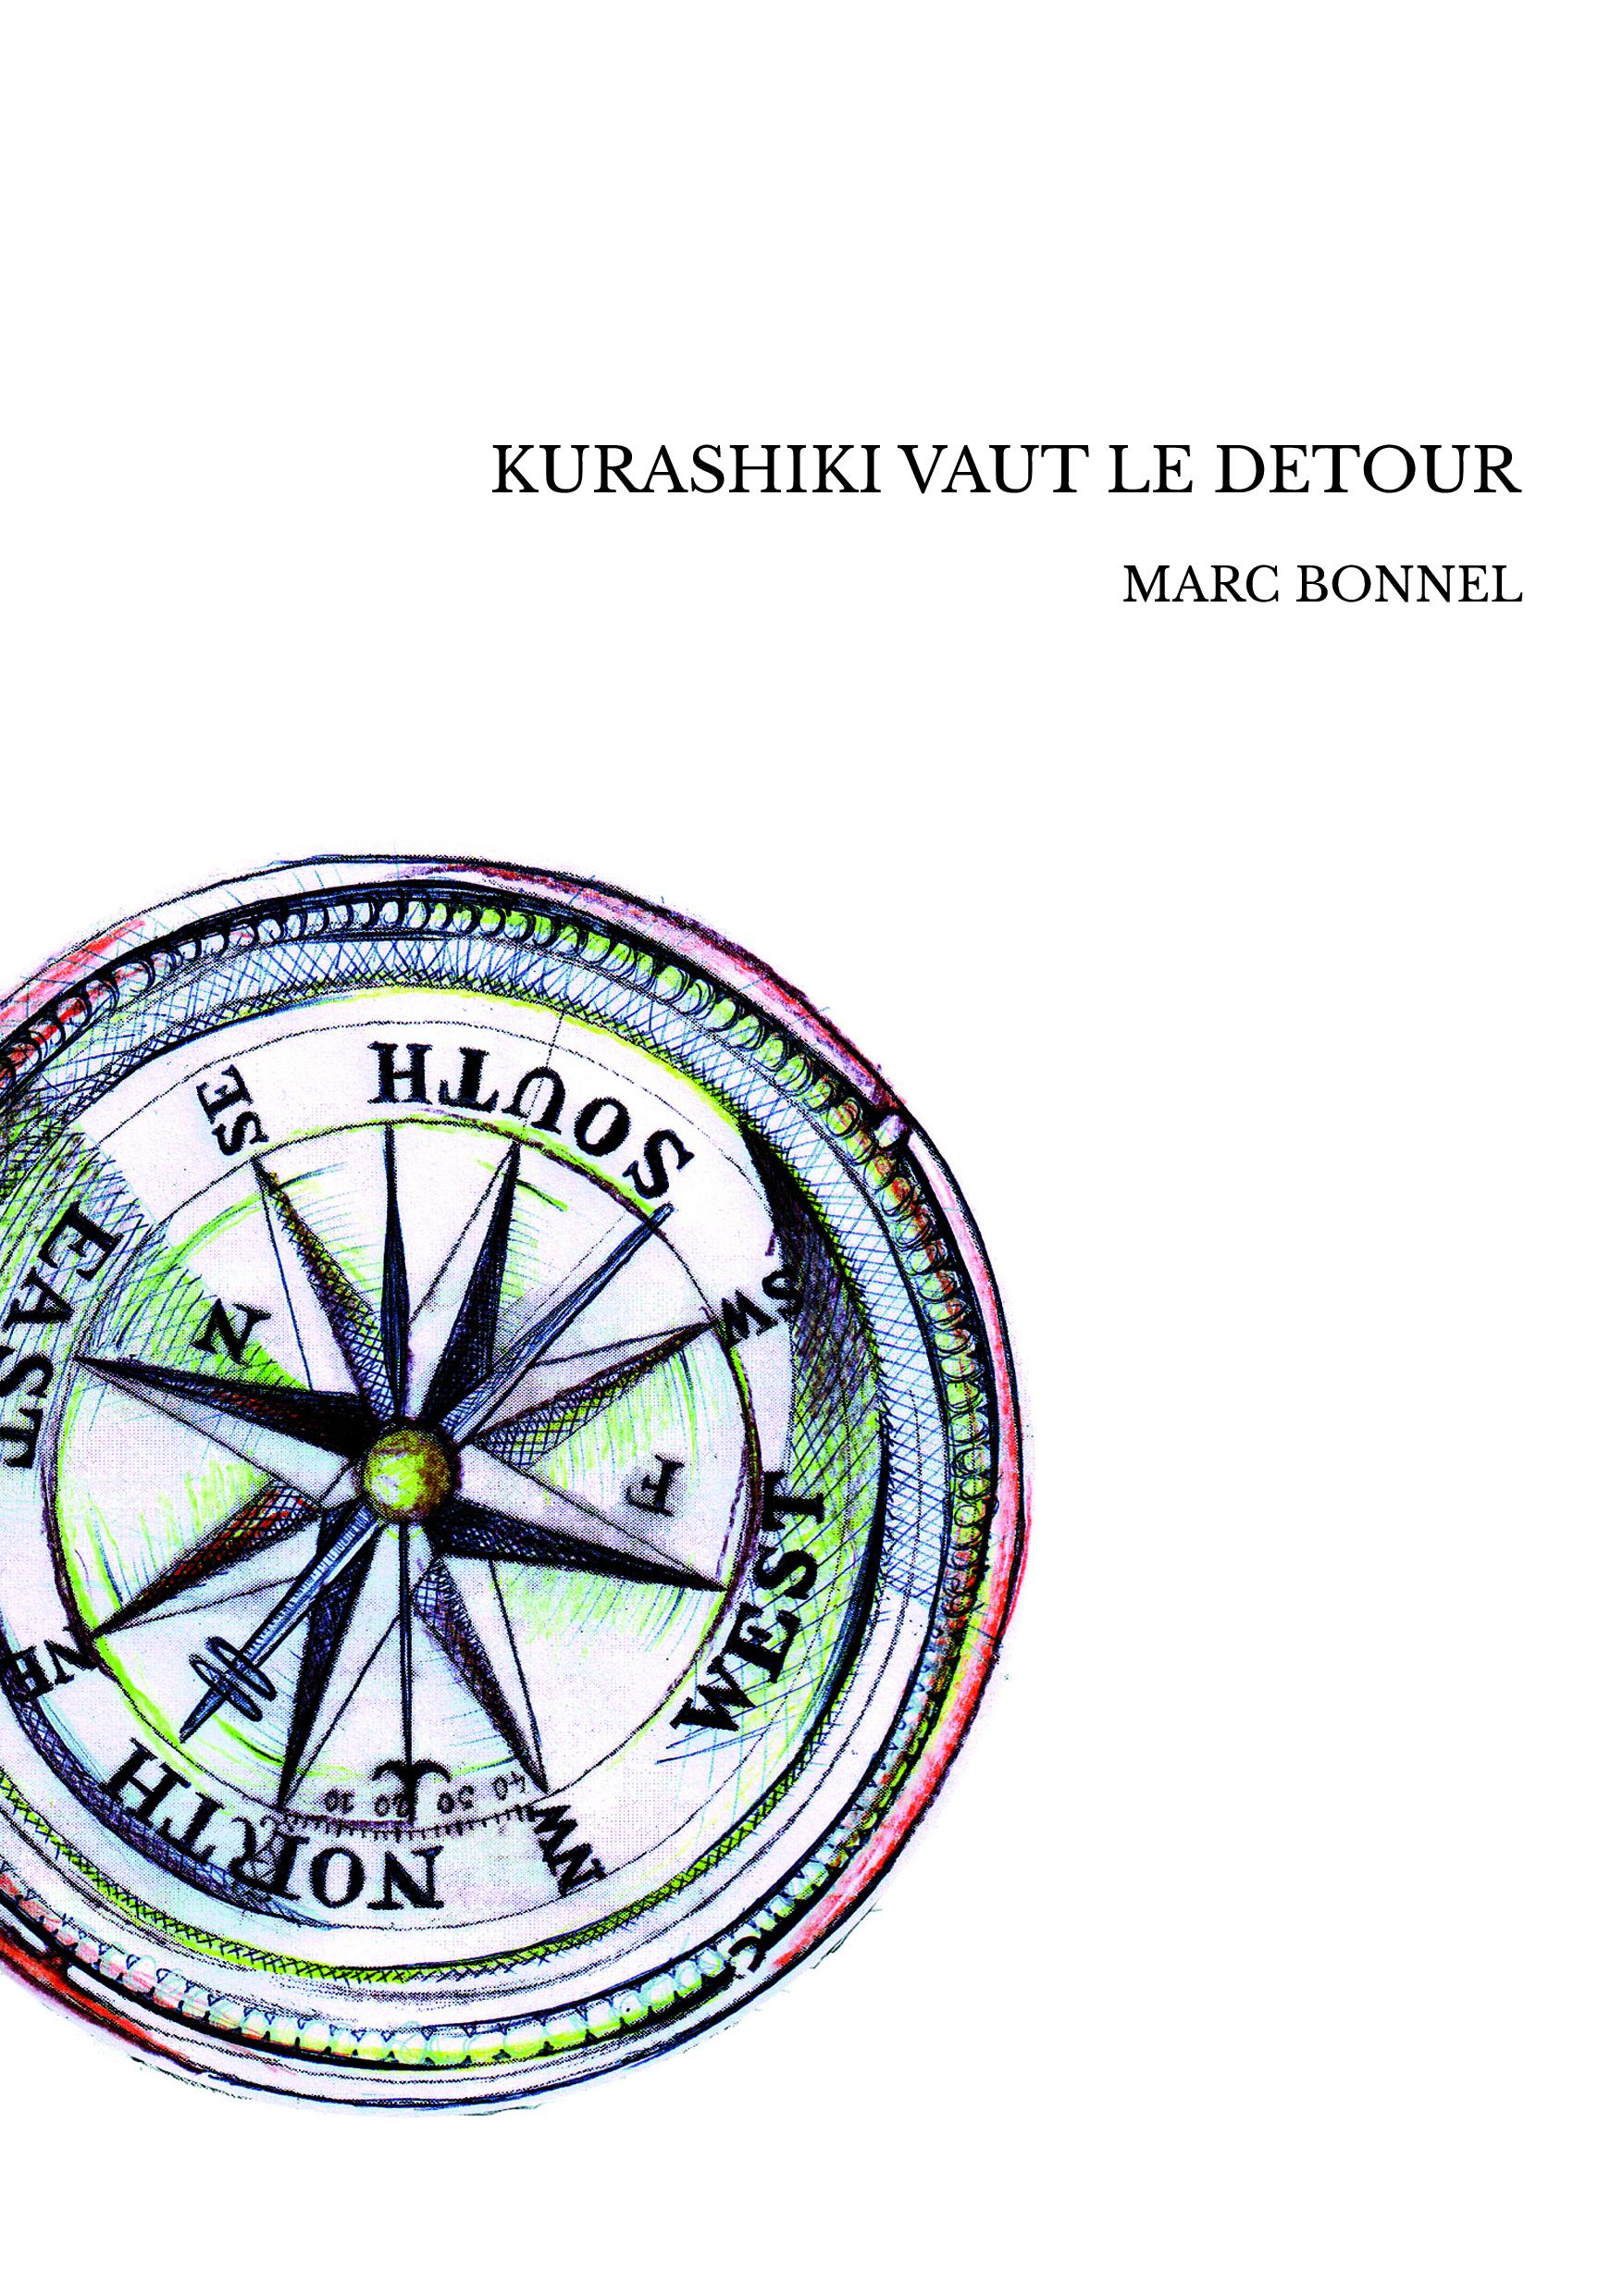 KURASHIKI VAUT LE DETOUR